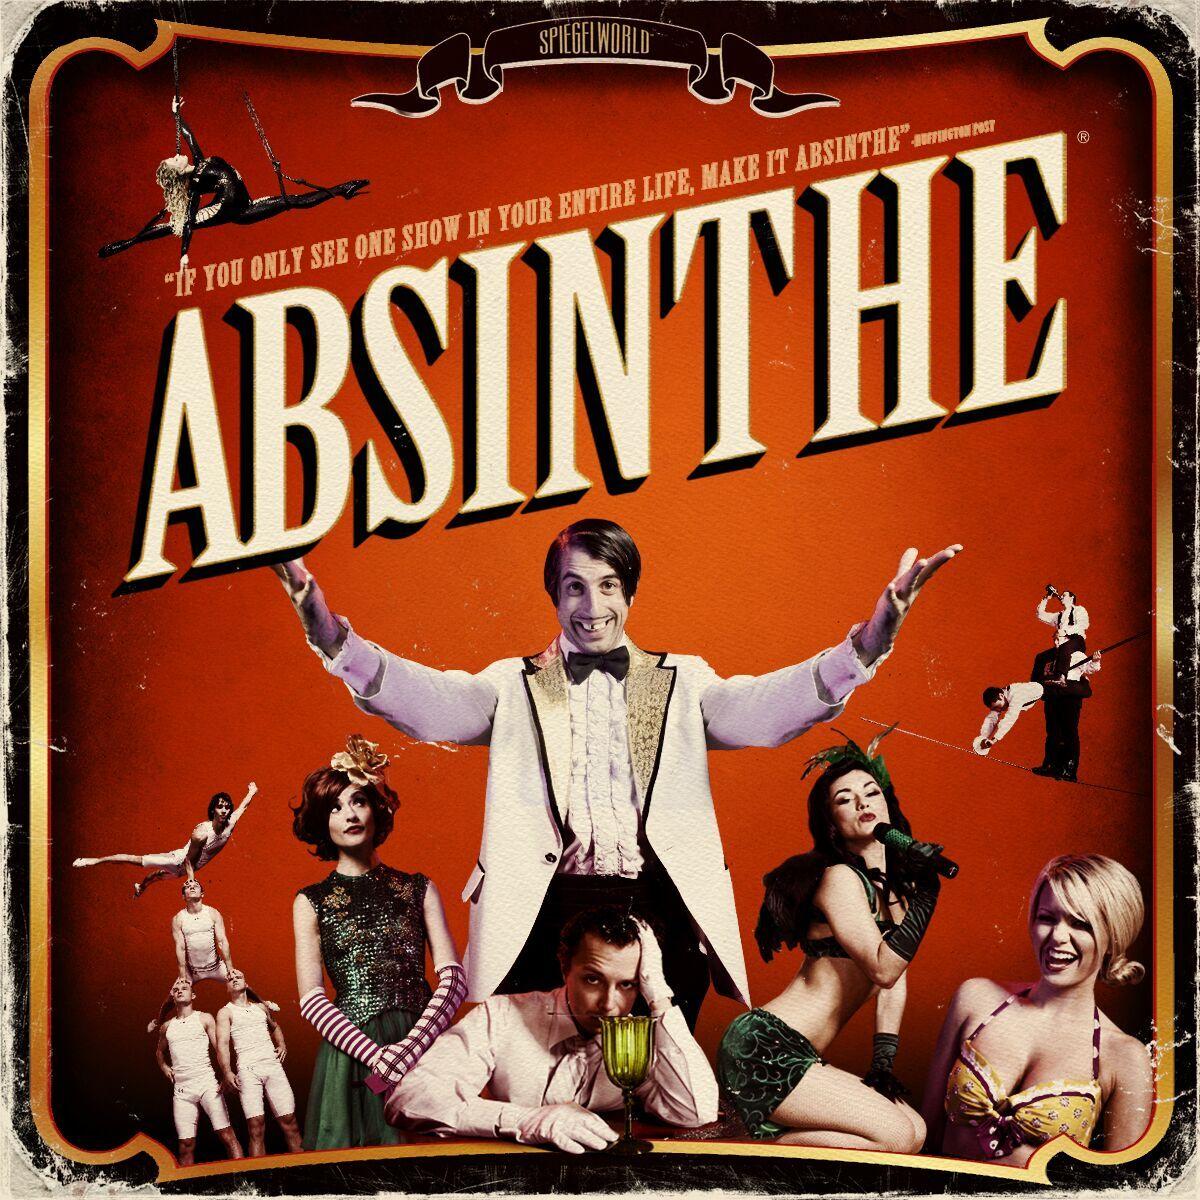 Absinthe Show Photo Tour - Photo Tours Vegas